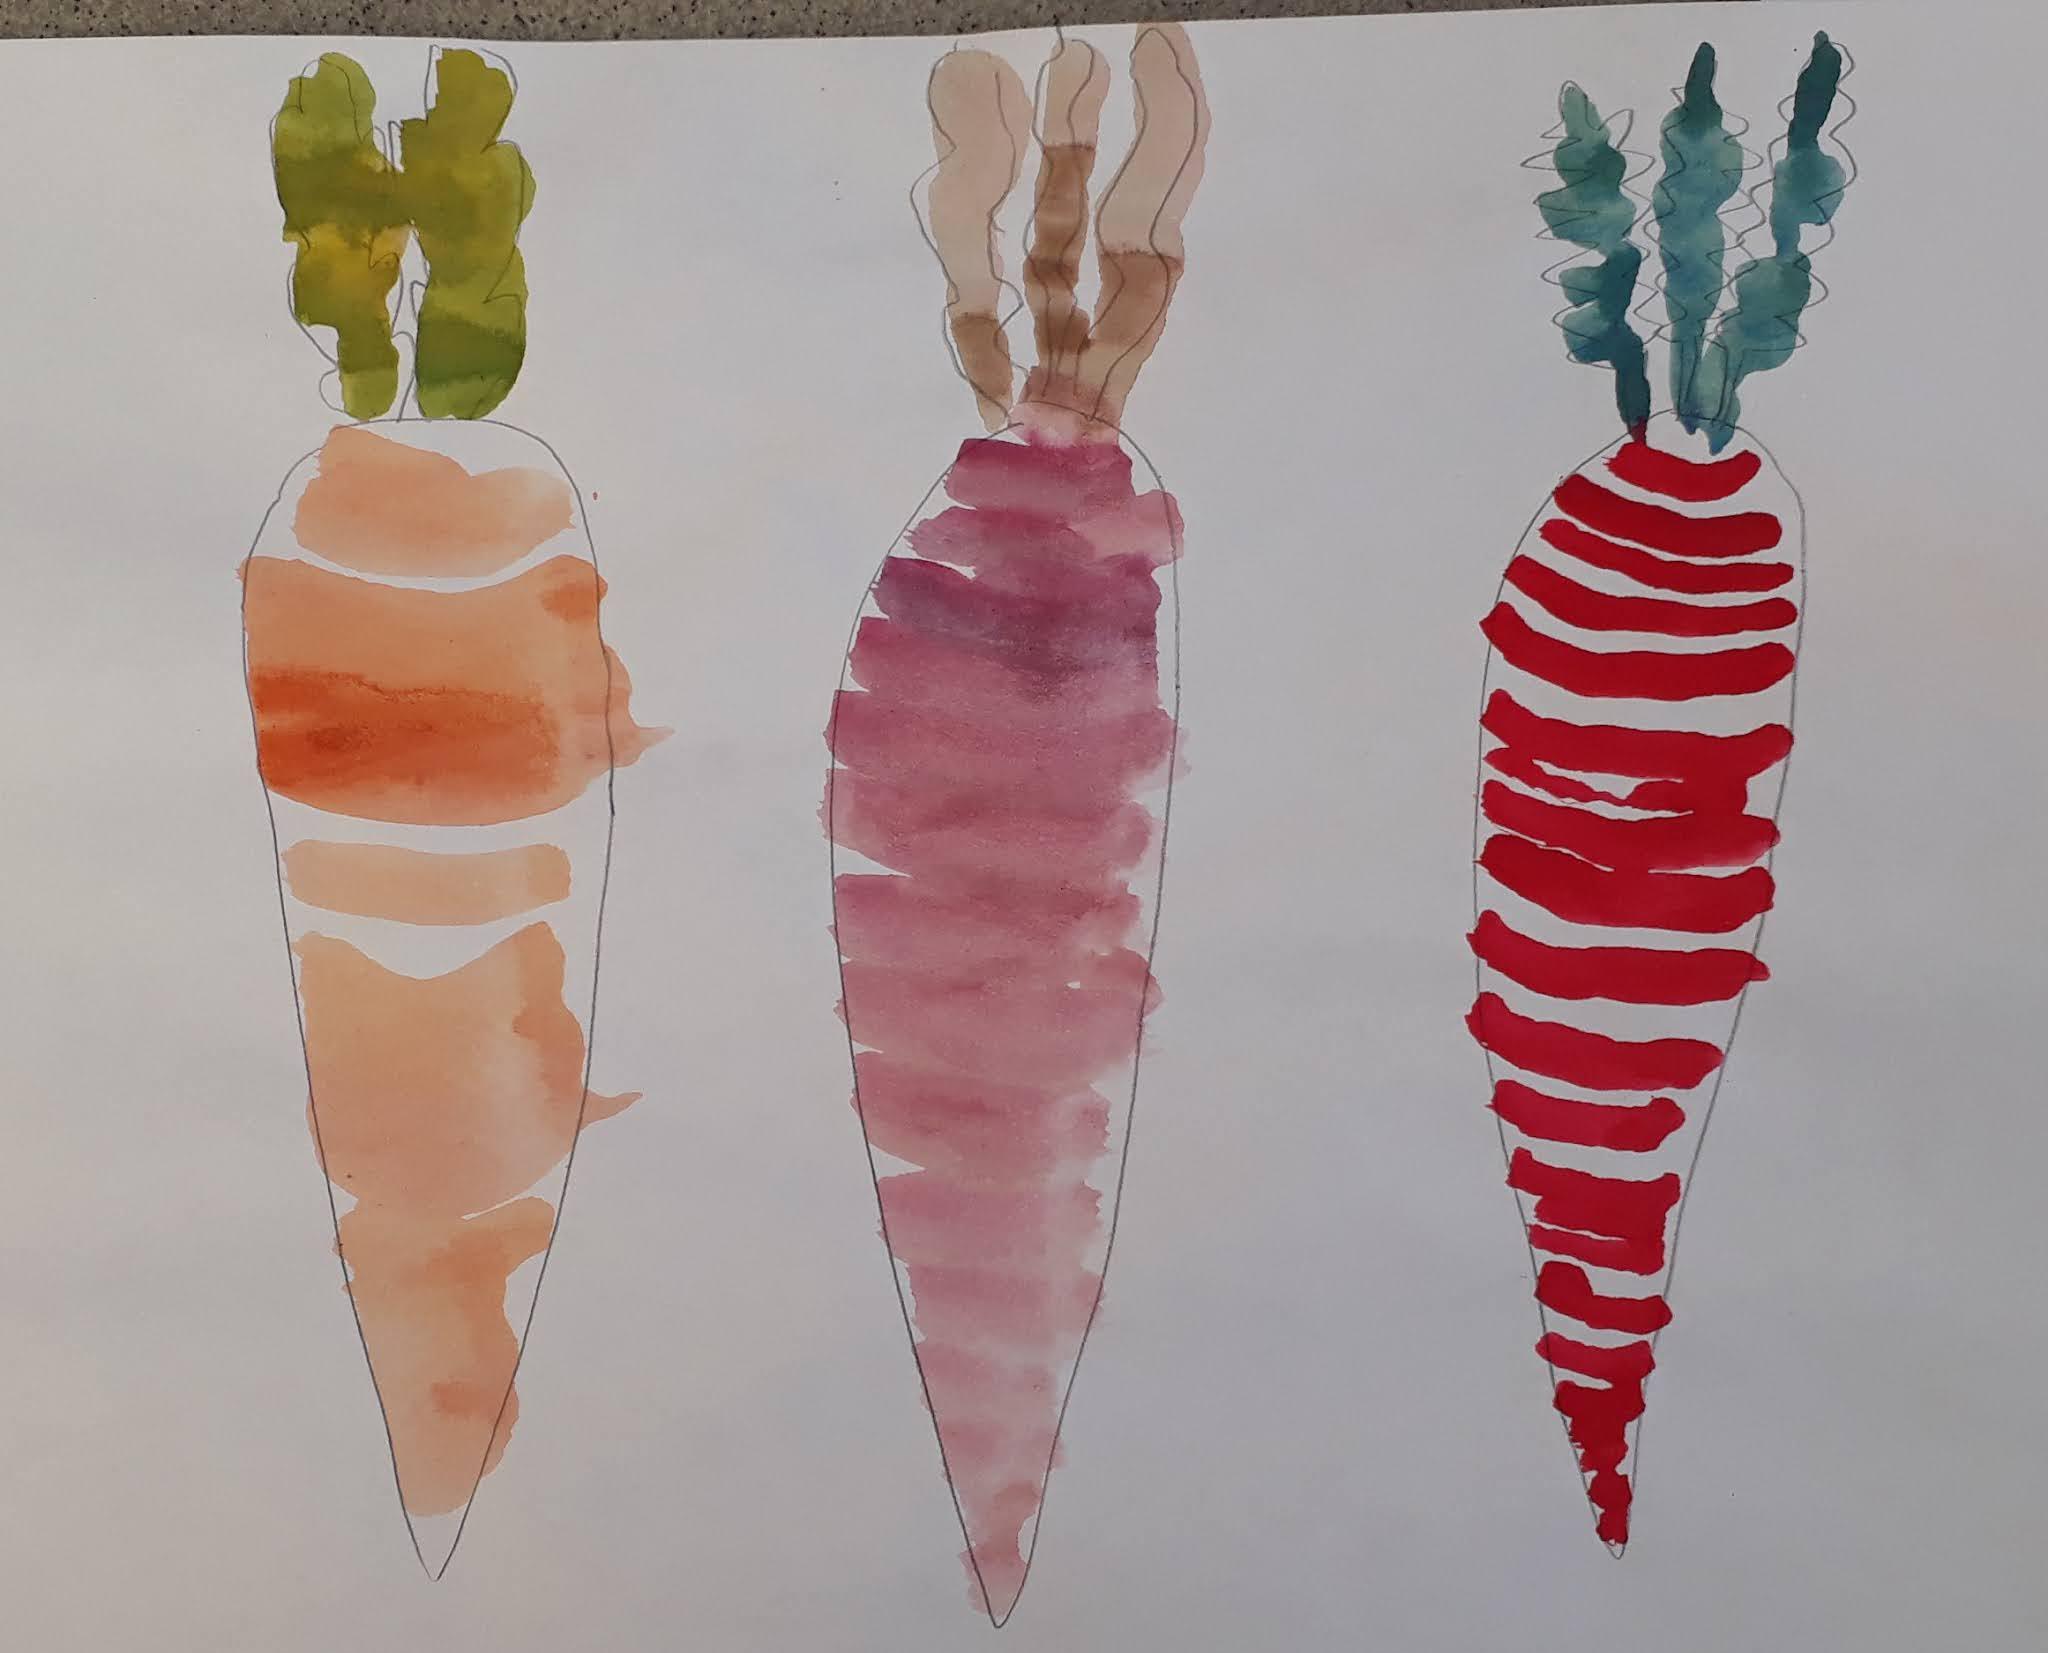 Porkkanat vesiväreillä ja lyijykynällä